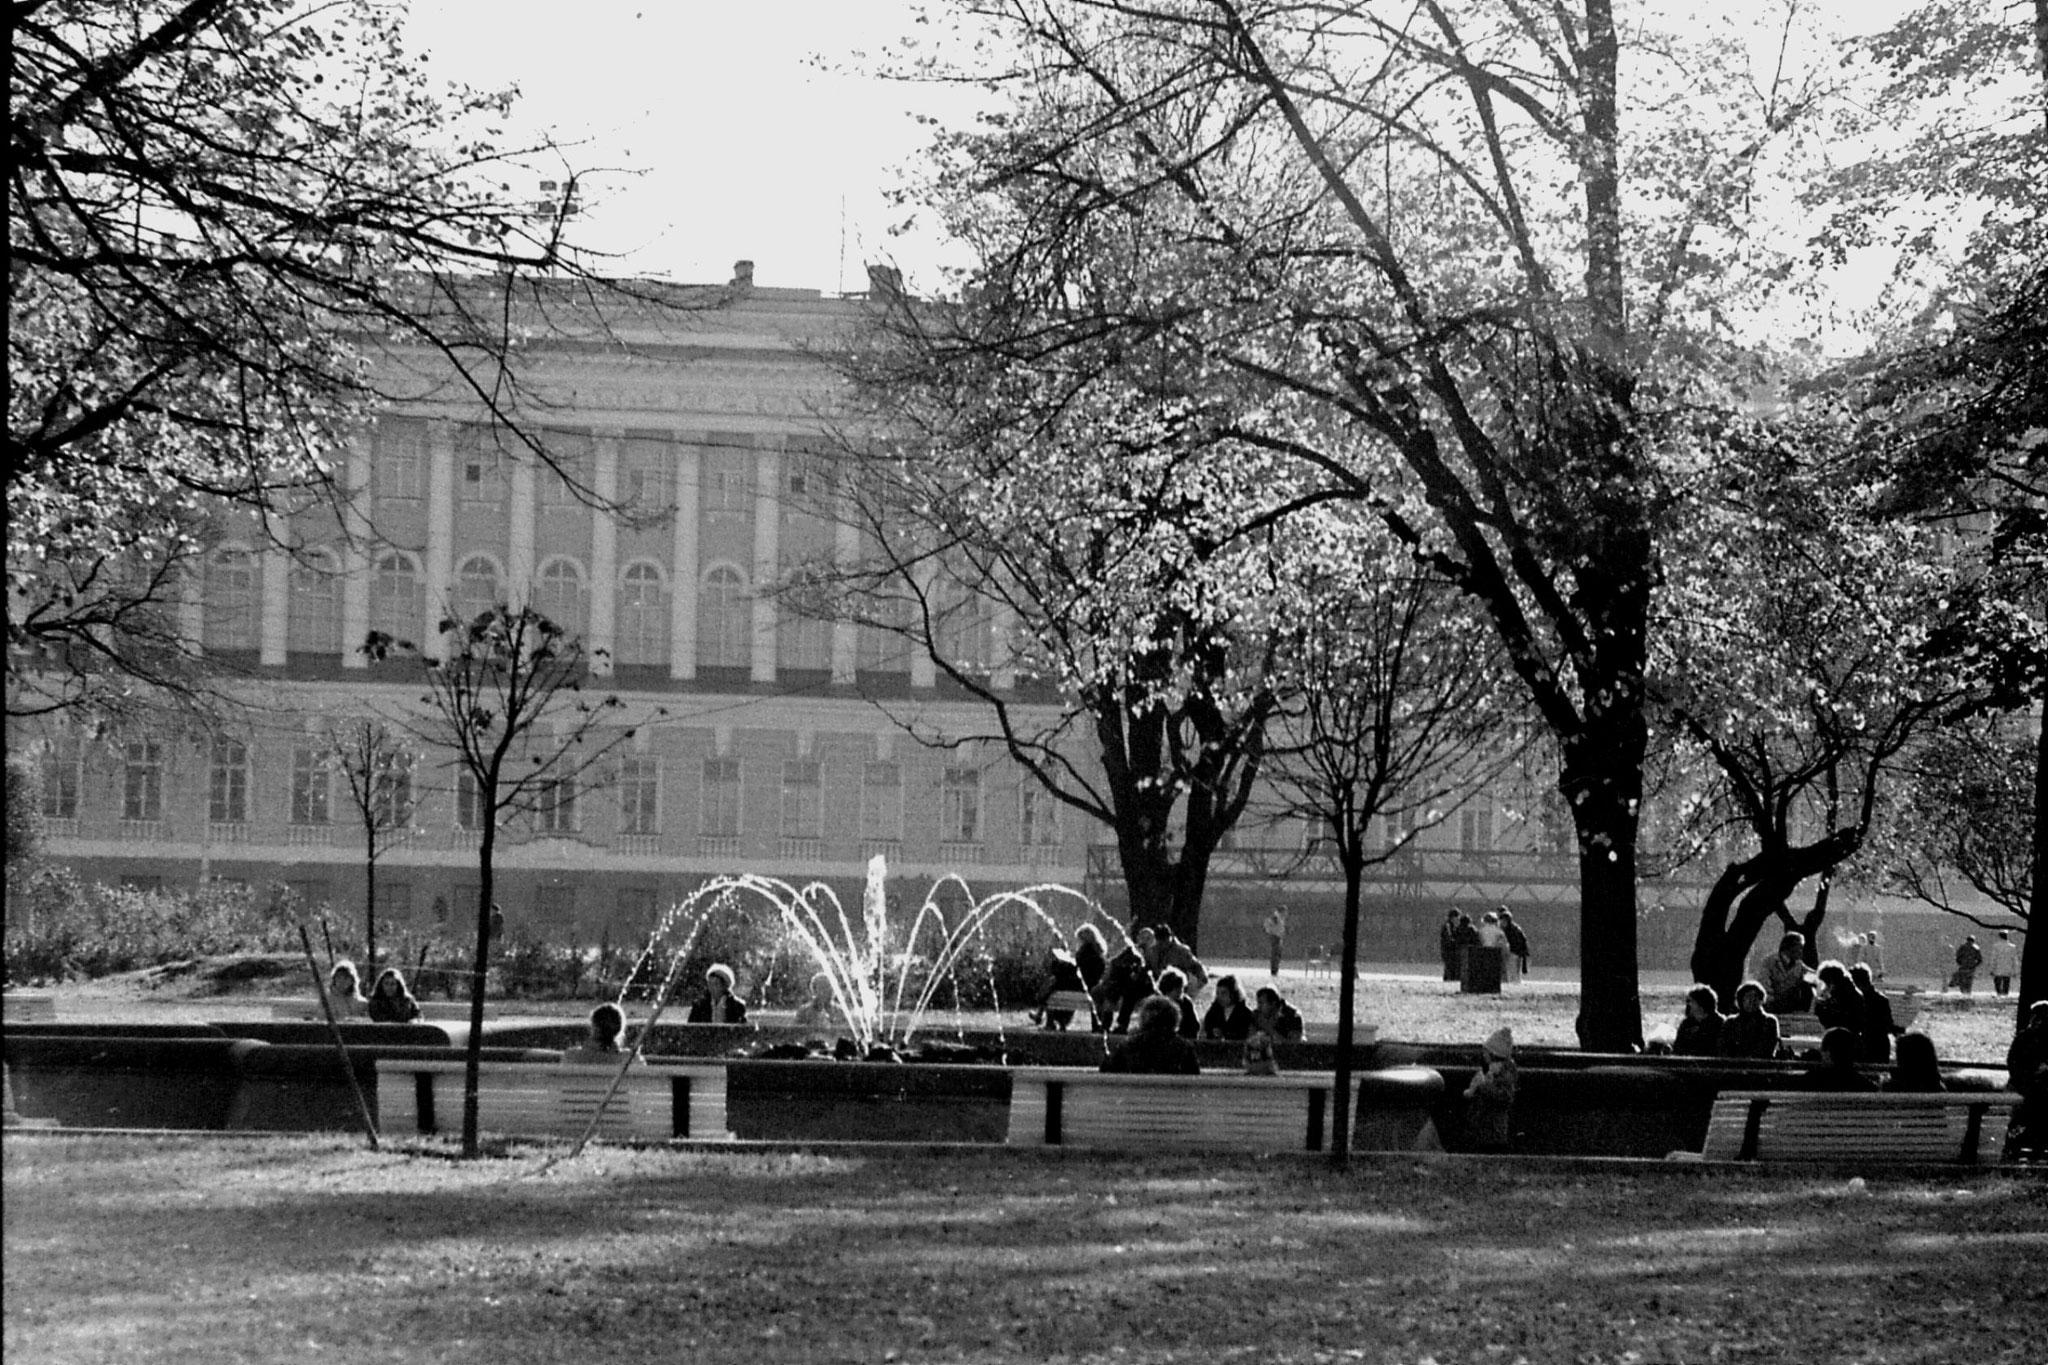 13/10/1988: 6: Outside Winter Palace